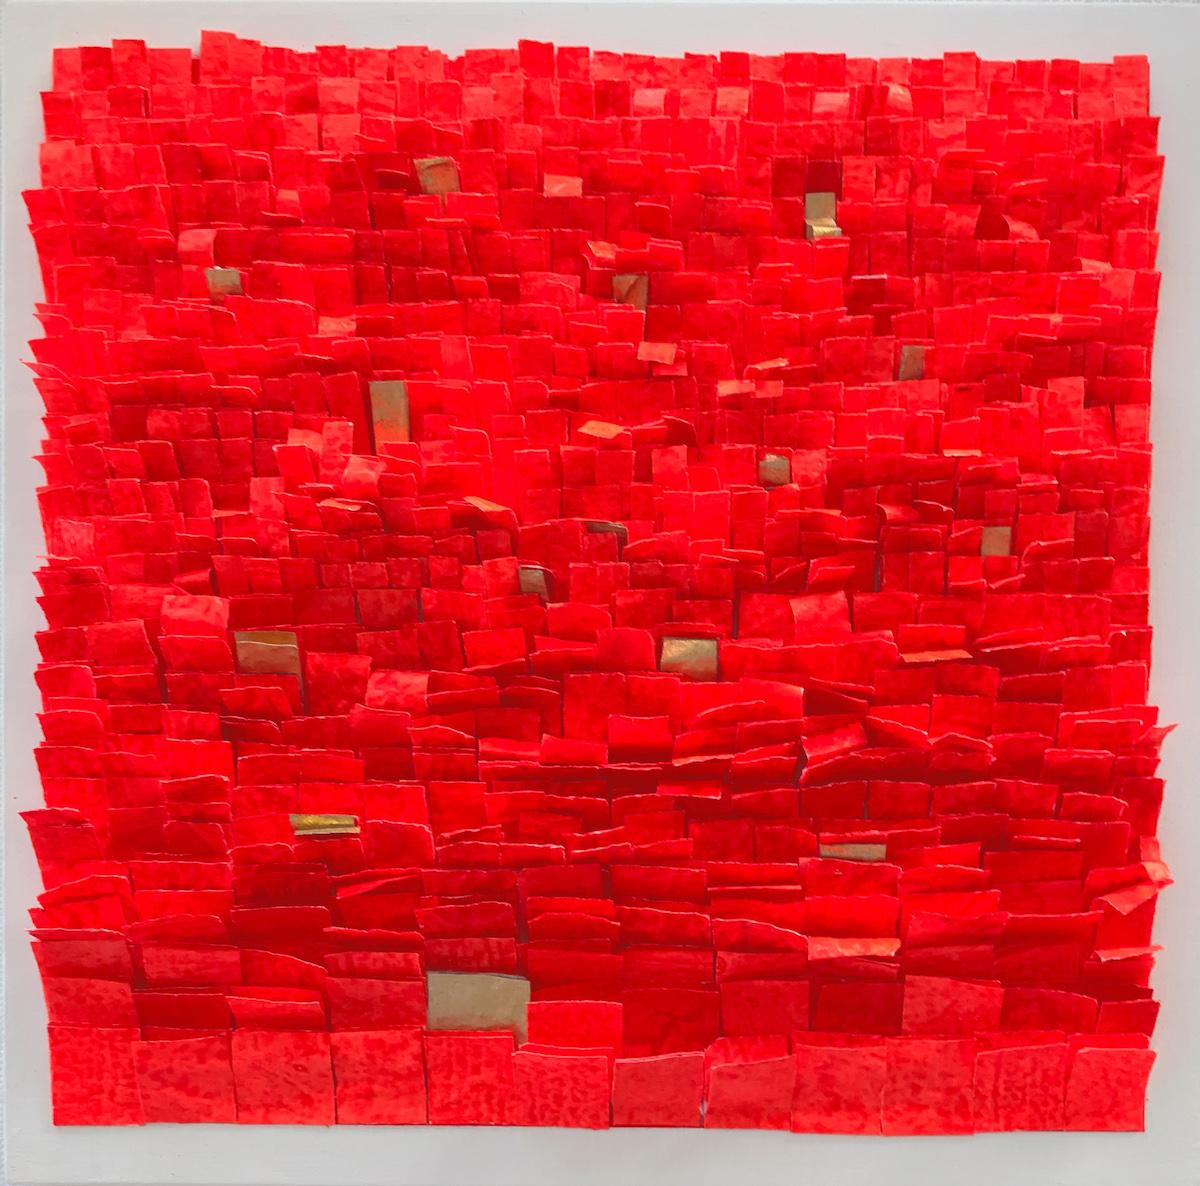 Frieda Martha Papierarbeit, Freude einsammeln, 2017